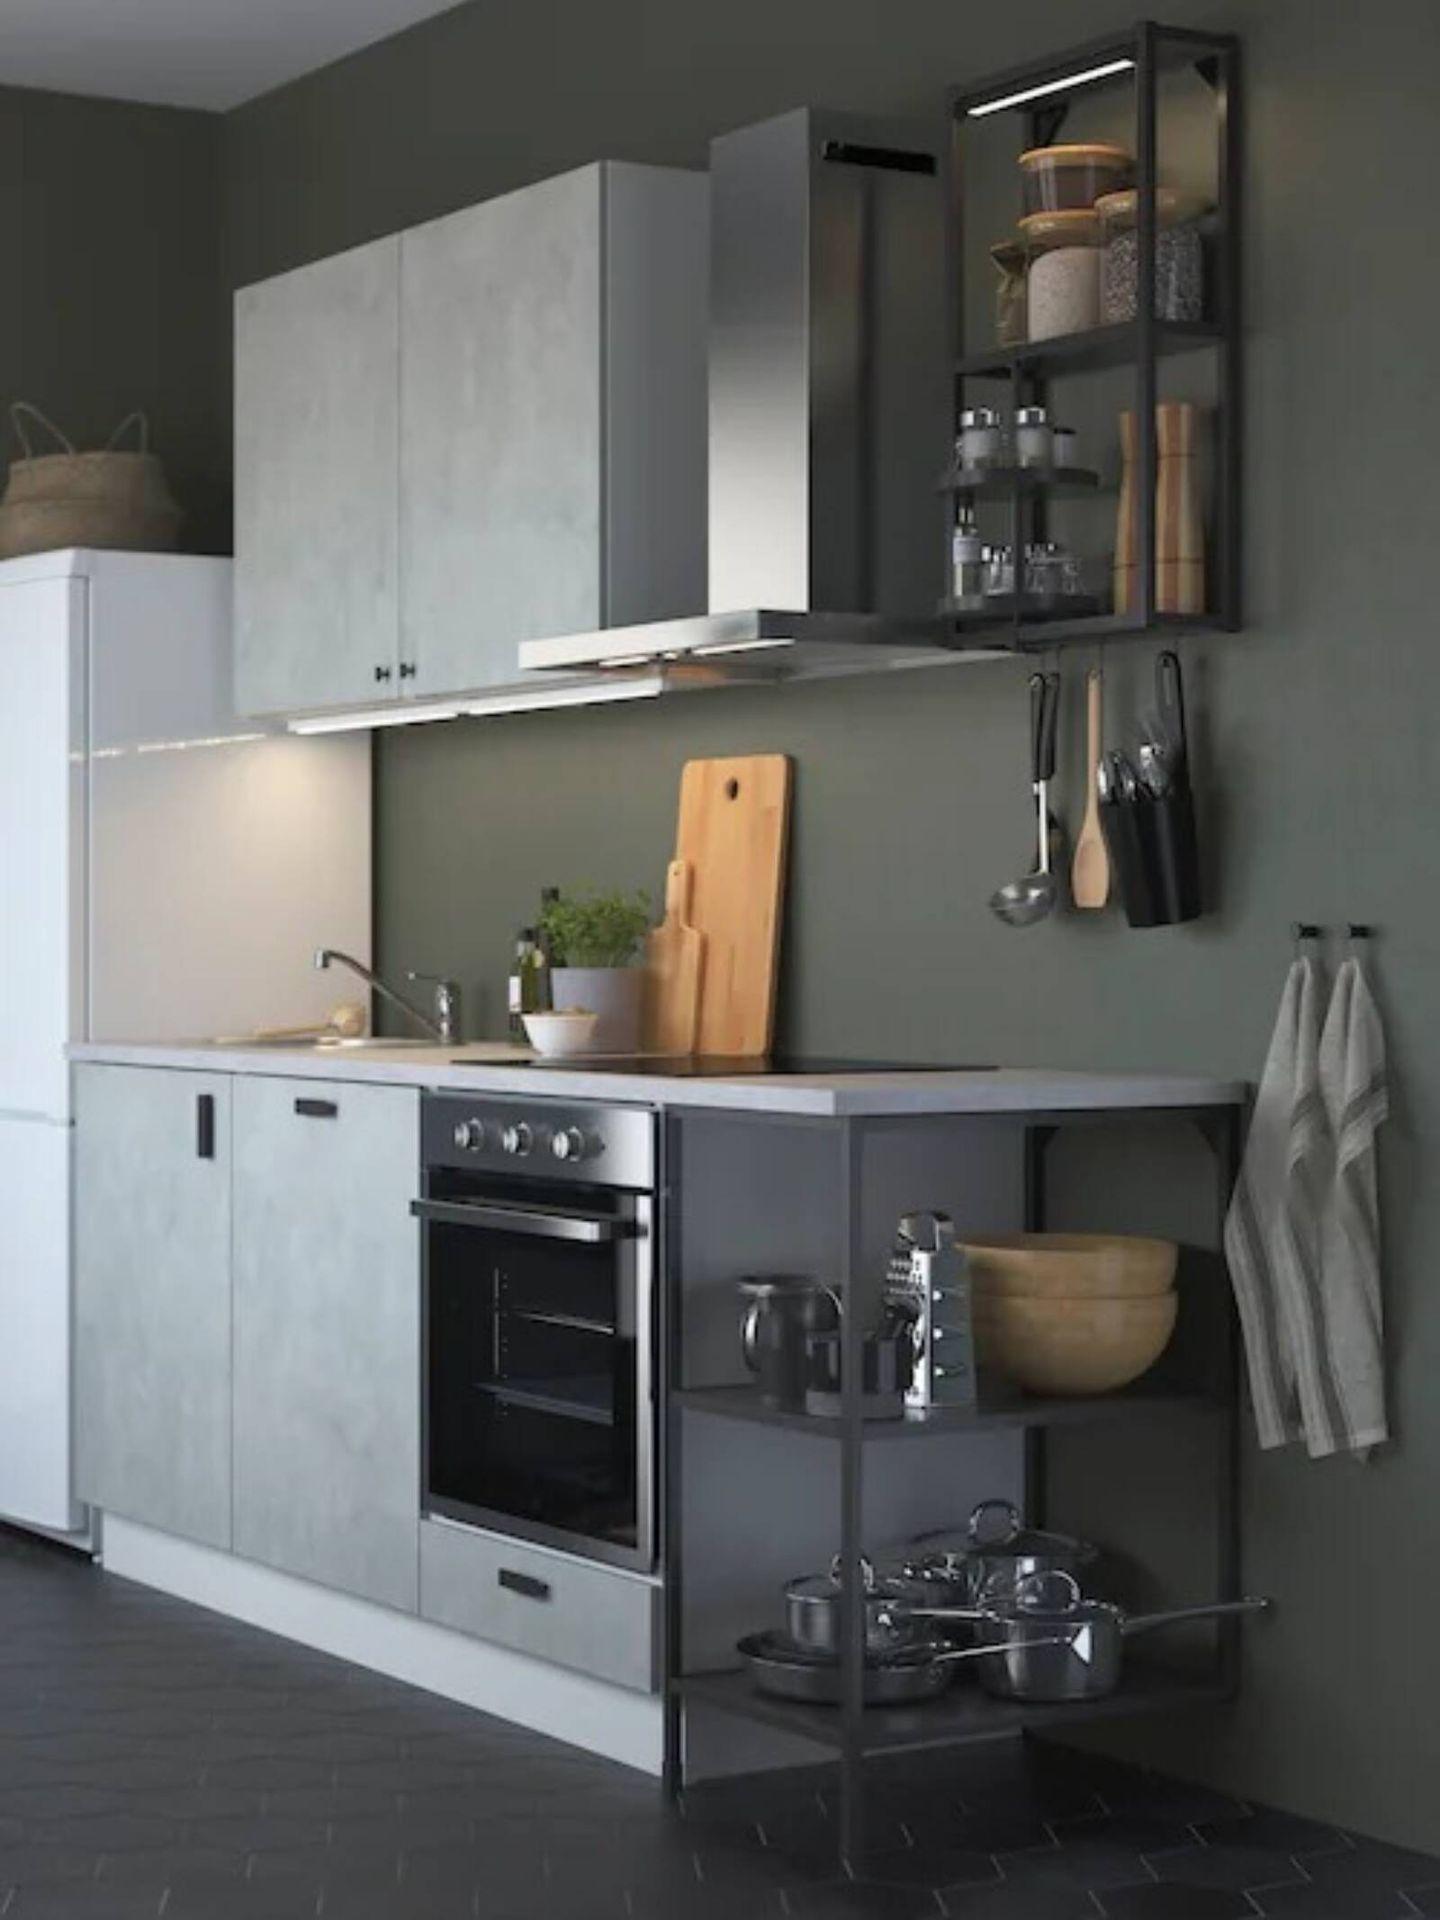 Ideas de Ikea para decorar una cocina pequeña y sacarle el mayor partido. (Cortesía)